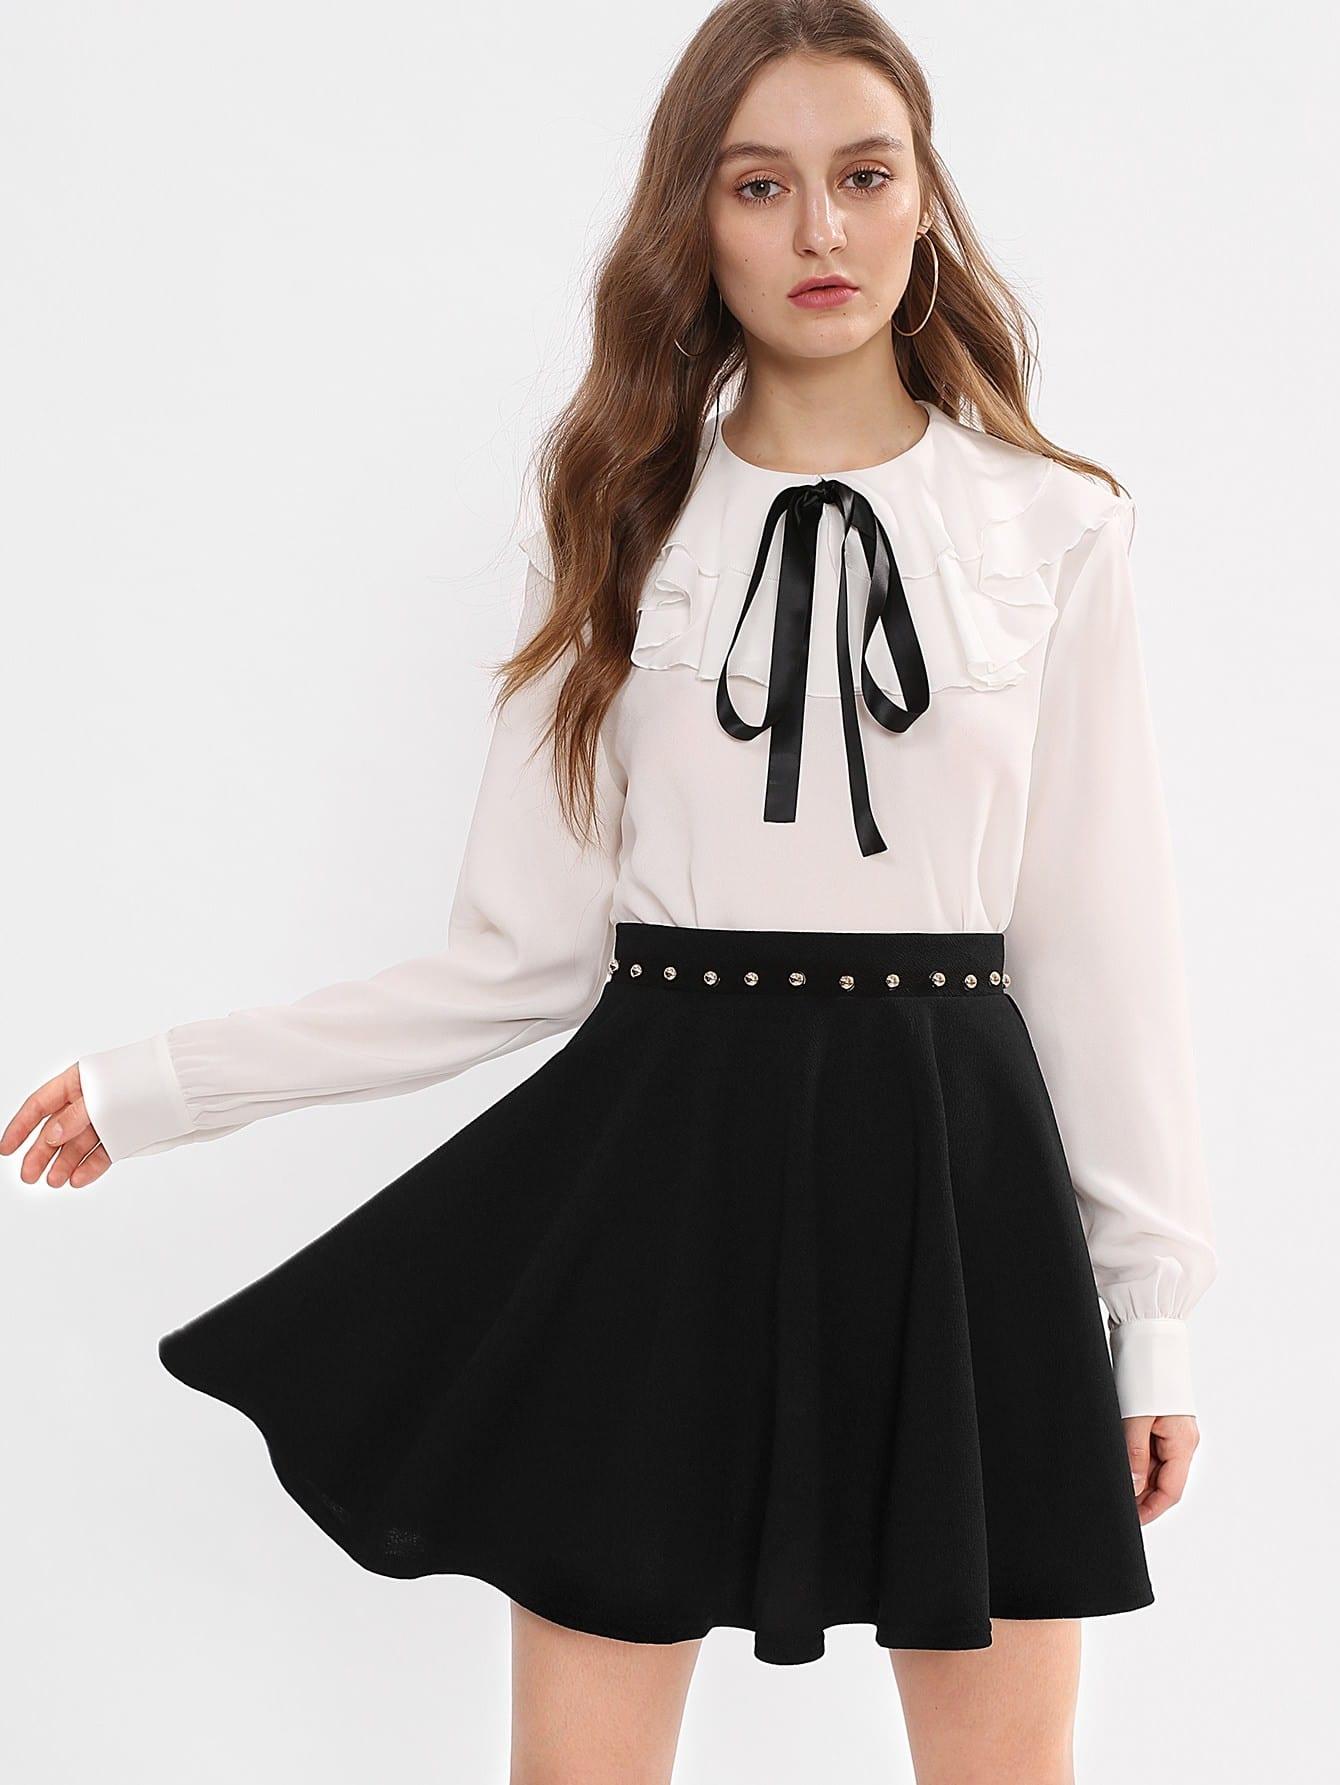 все цены на Beading Waist Boxed Pleated Skirt